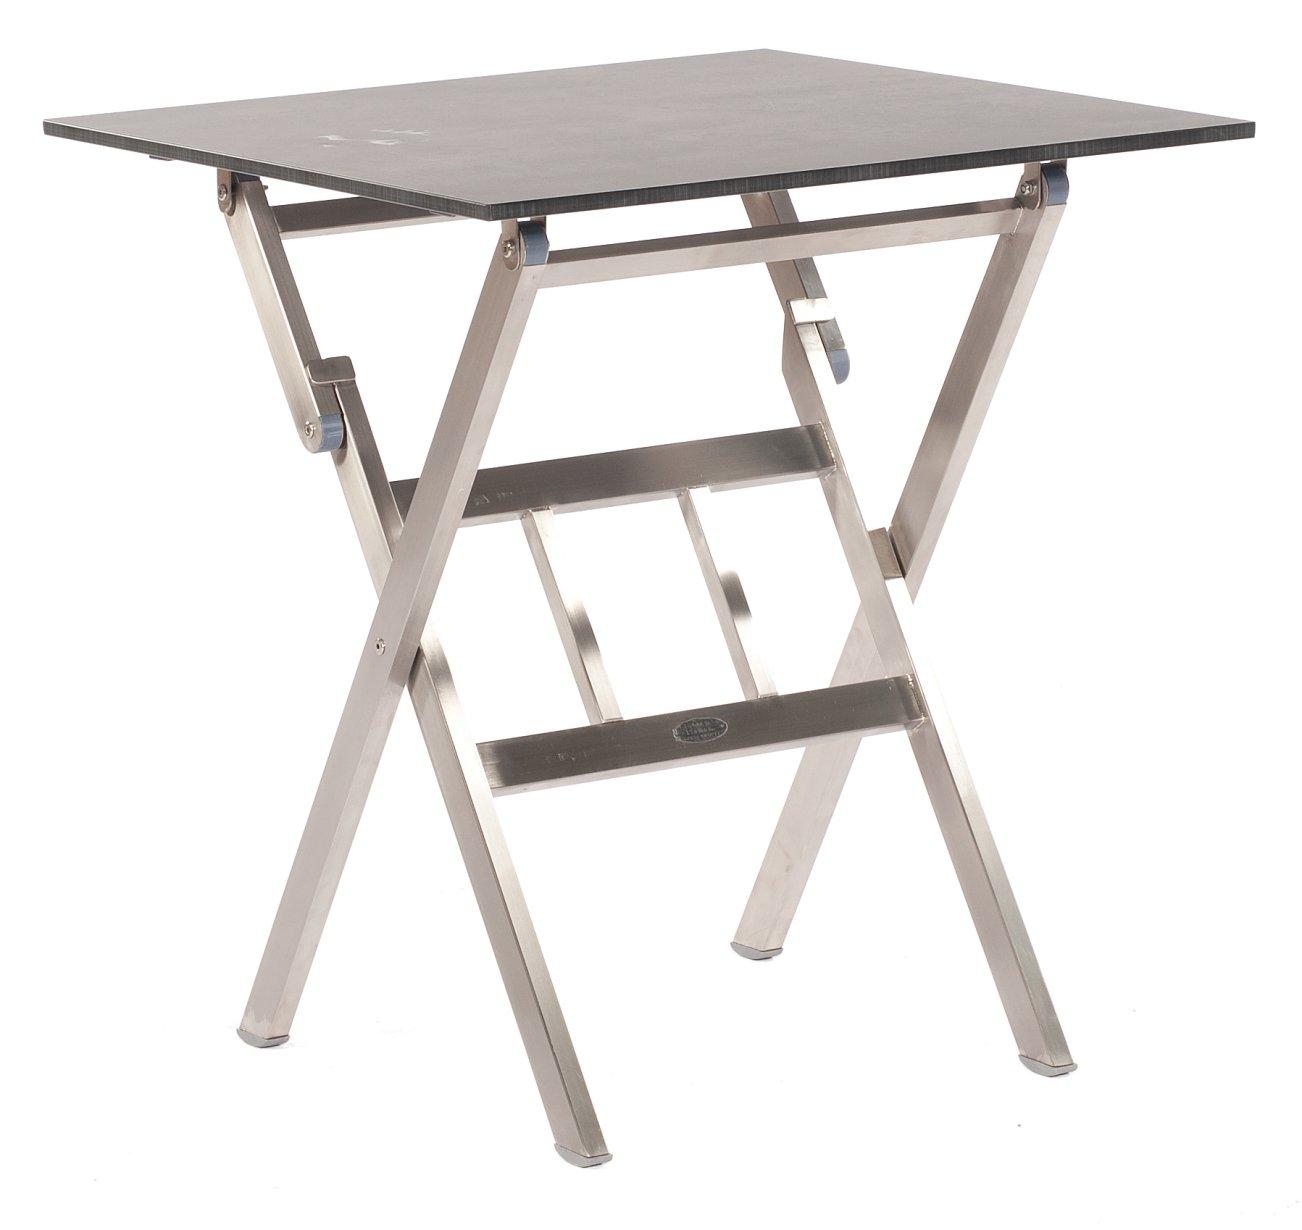 Zusammenklappbarer Gartentisch Edelstahl Tischgestell